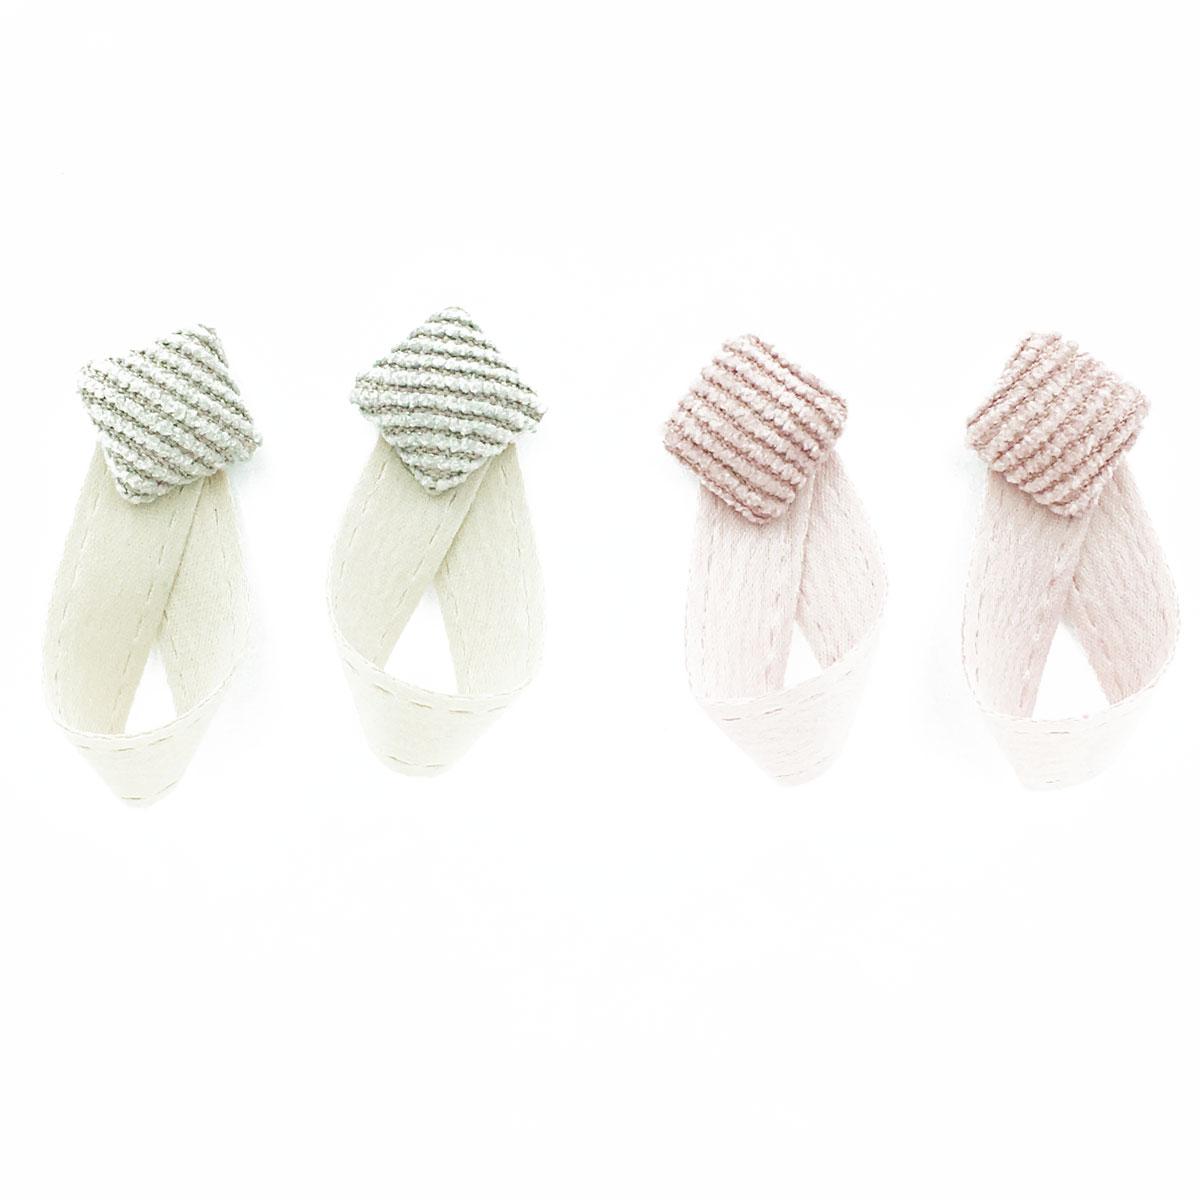 韓國 925純銀 絨毛 正方型 垂墜感 兩色 耳針式 耳環